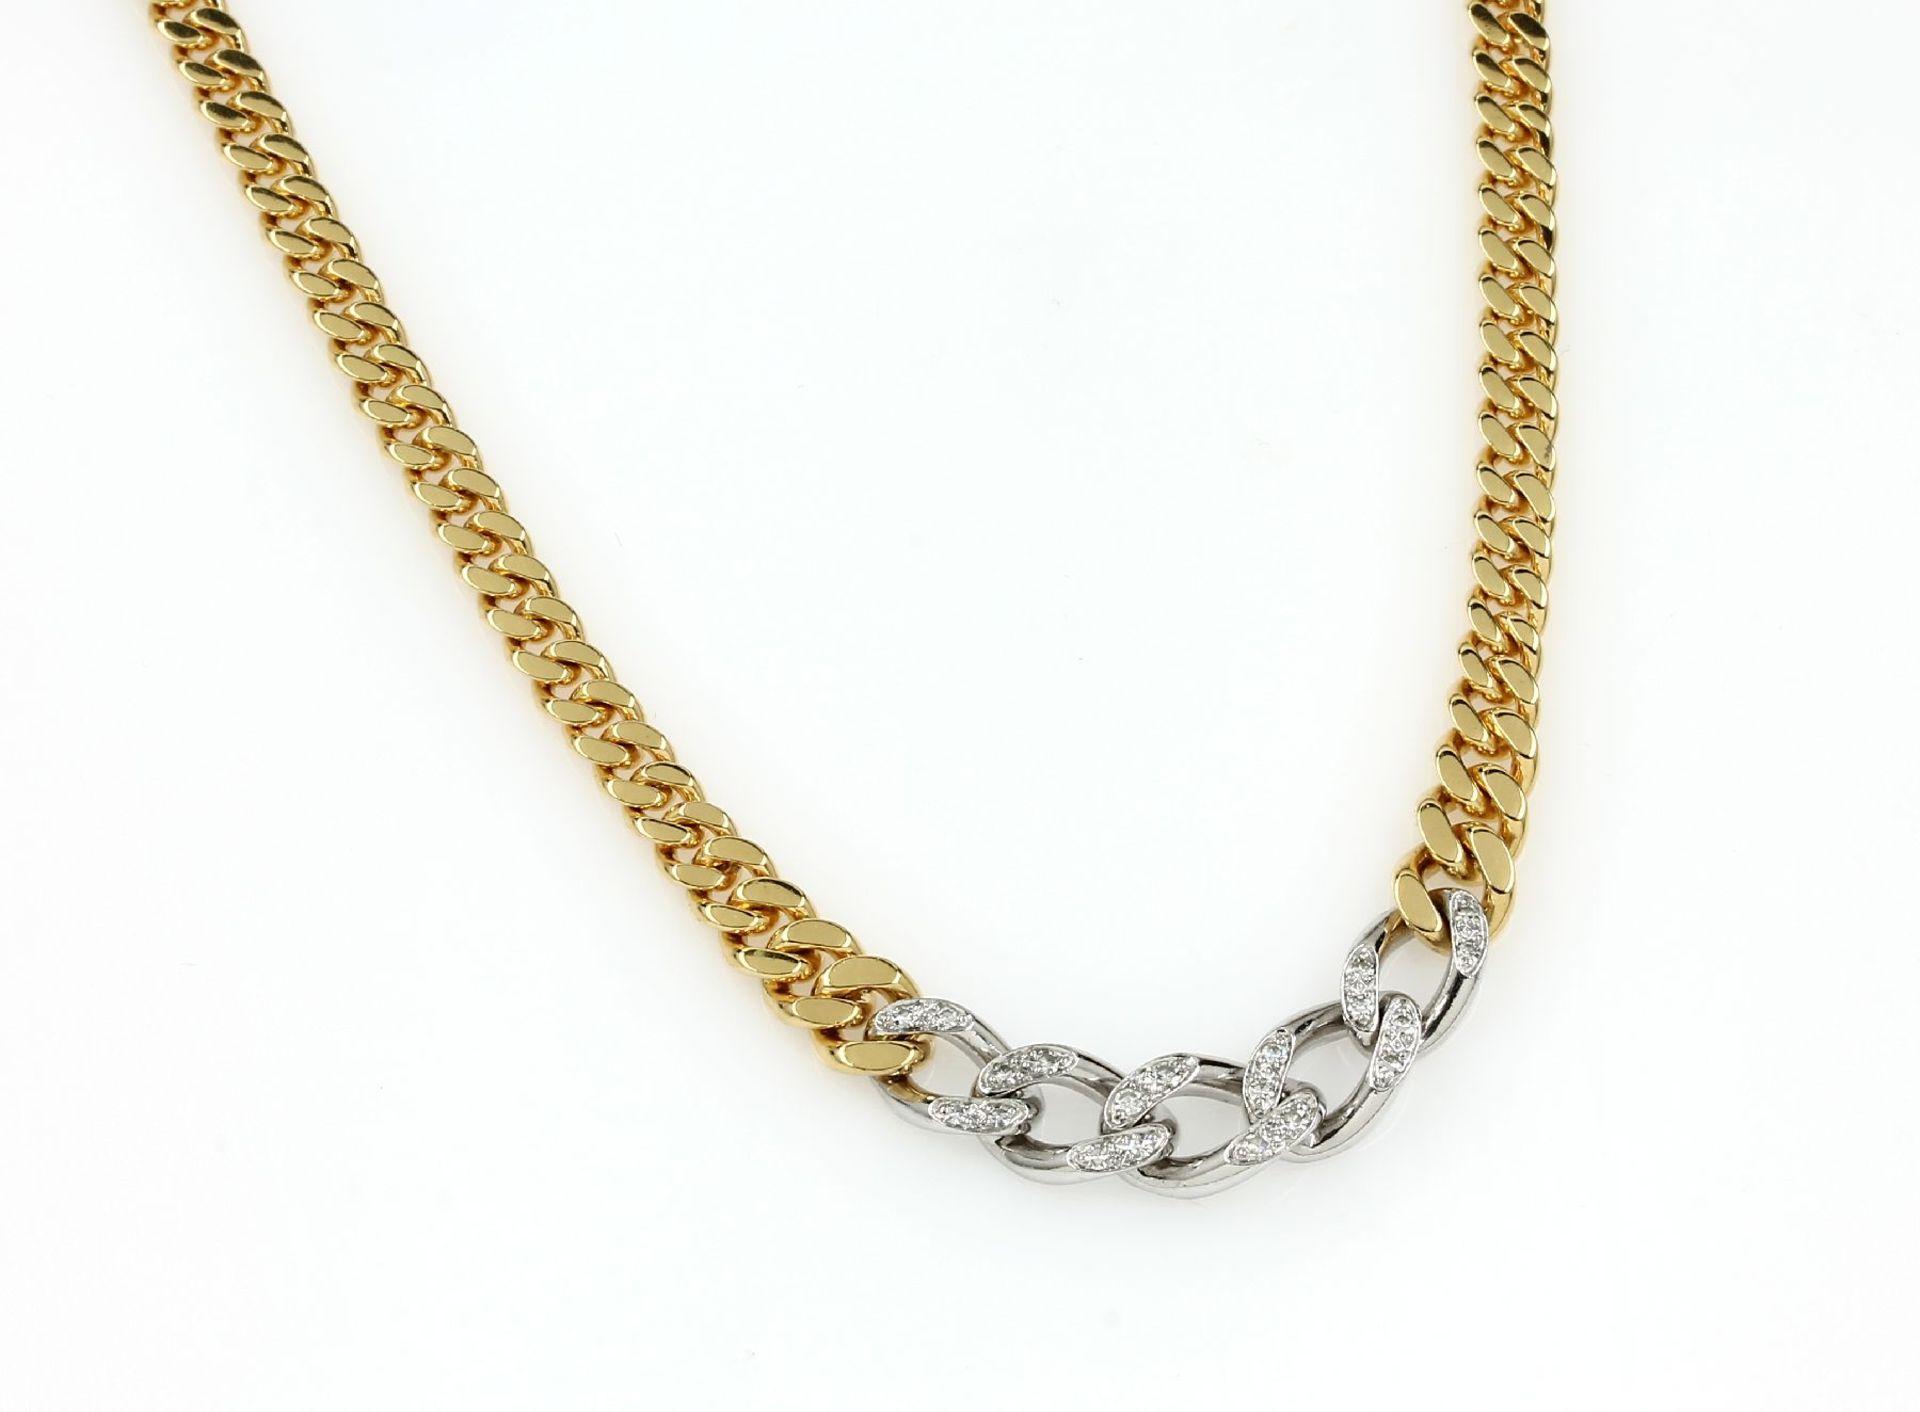 18 kt Gold Collier mit Diamanten, GG/WG 750/000, Flachpanzerglieder, mittig 20 8/8-Diamanten zus.